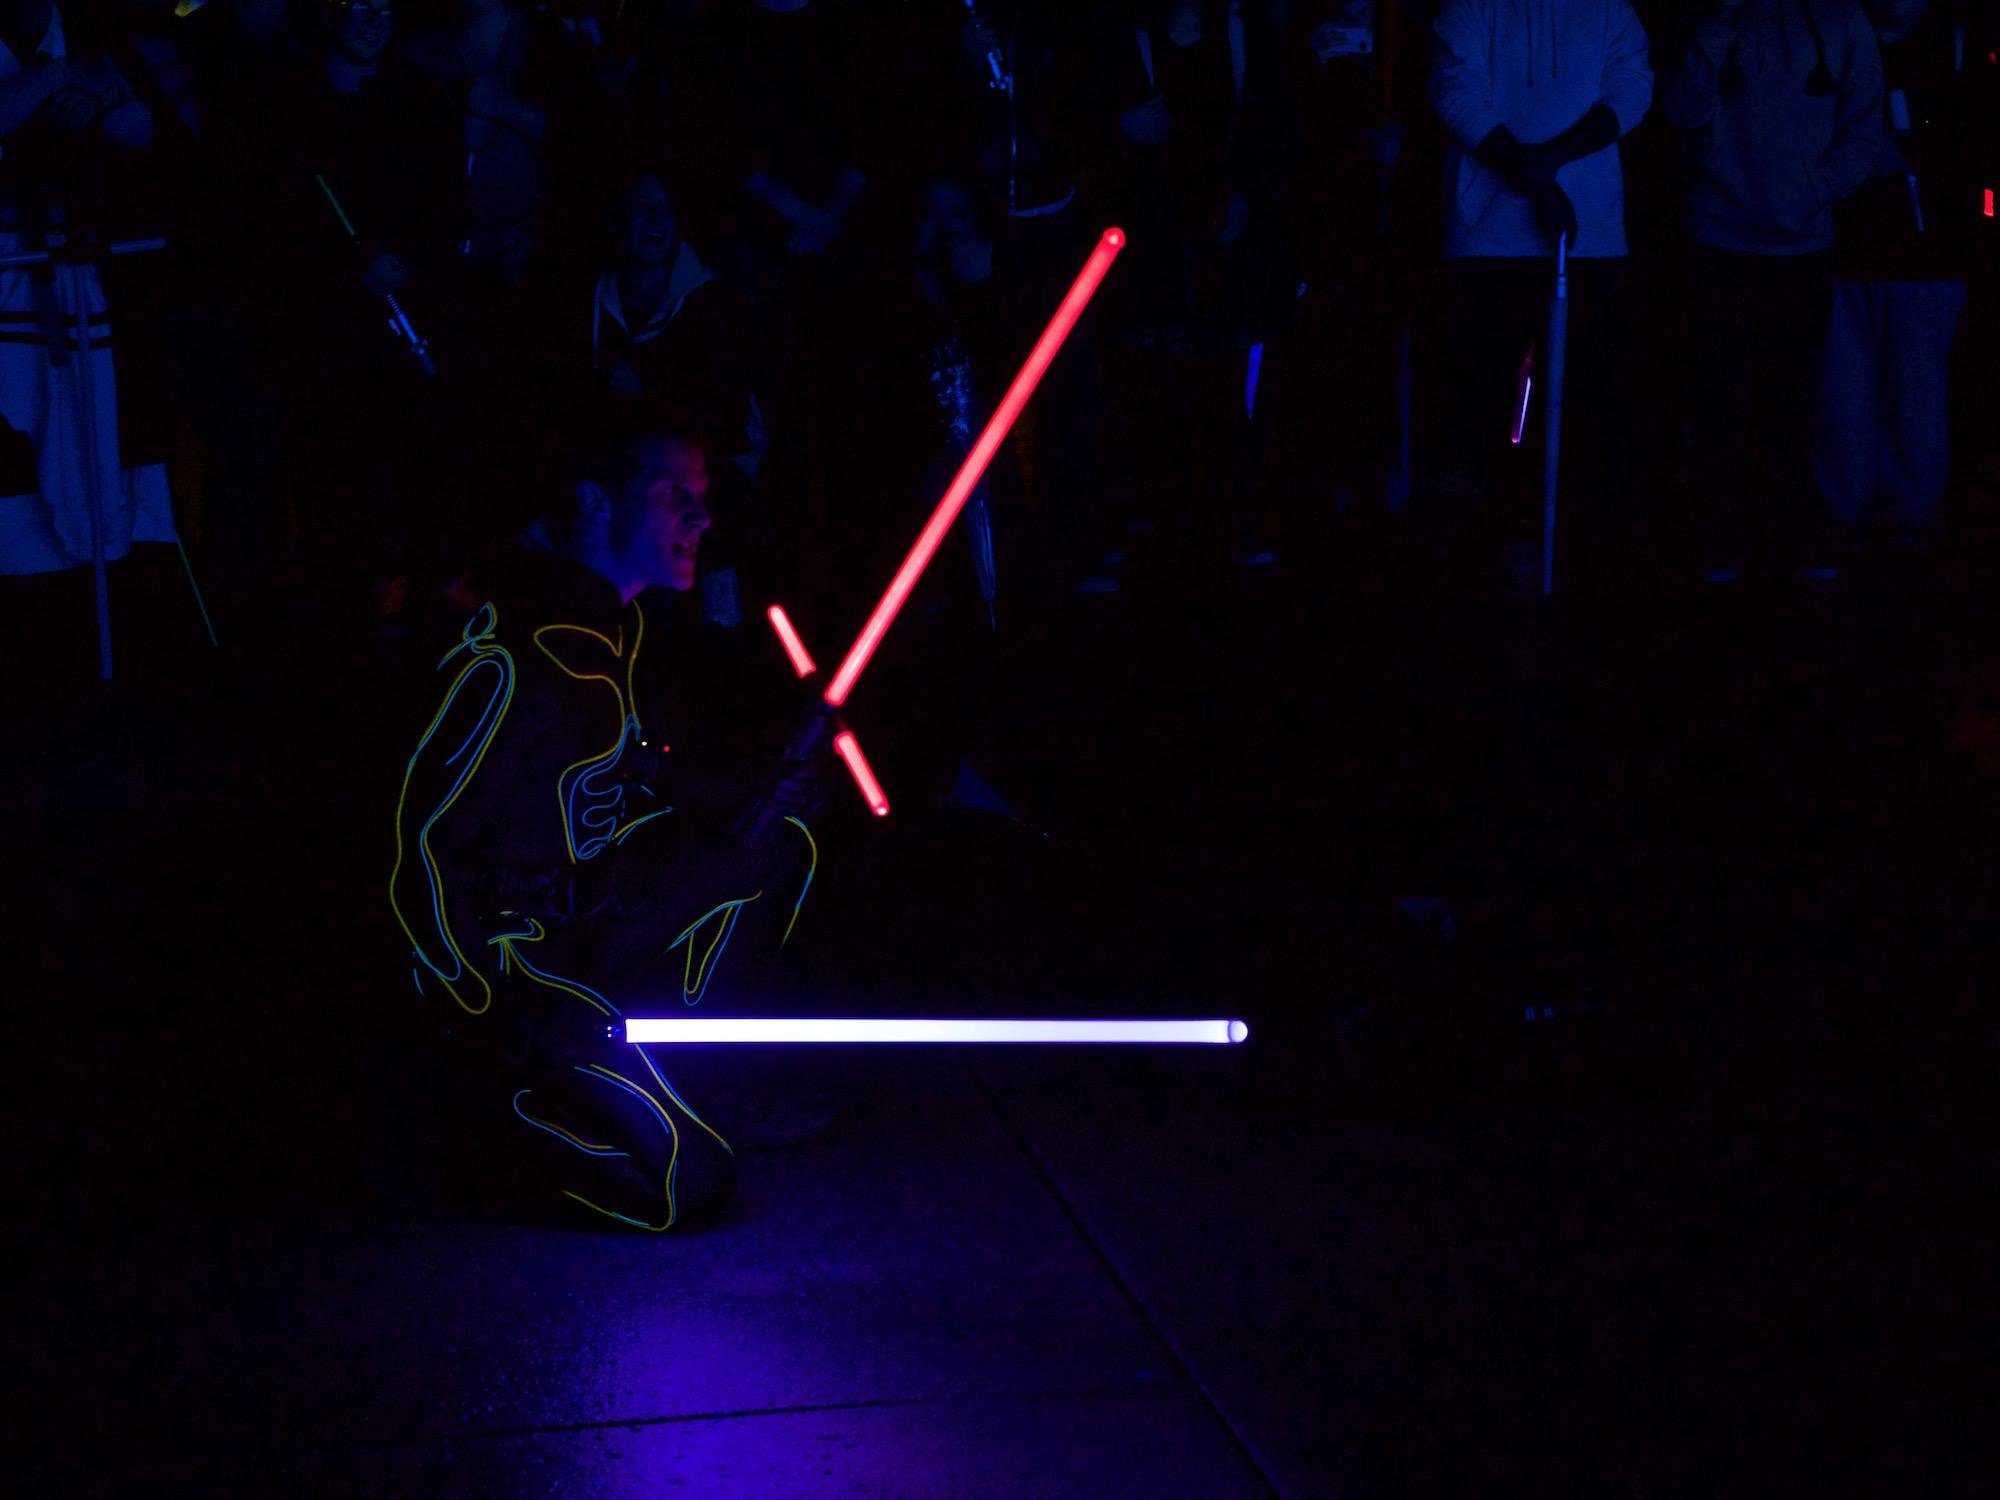 lightsaber-duel-3